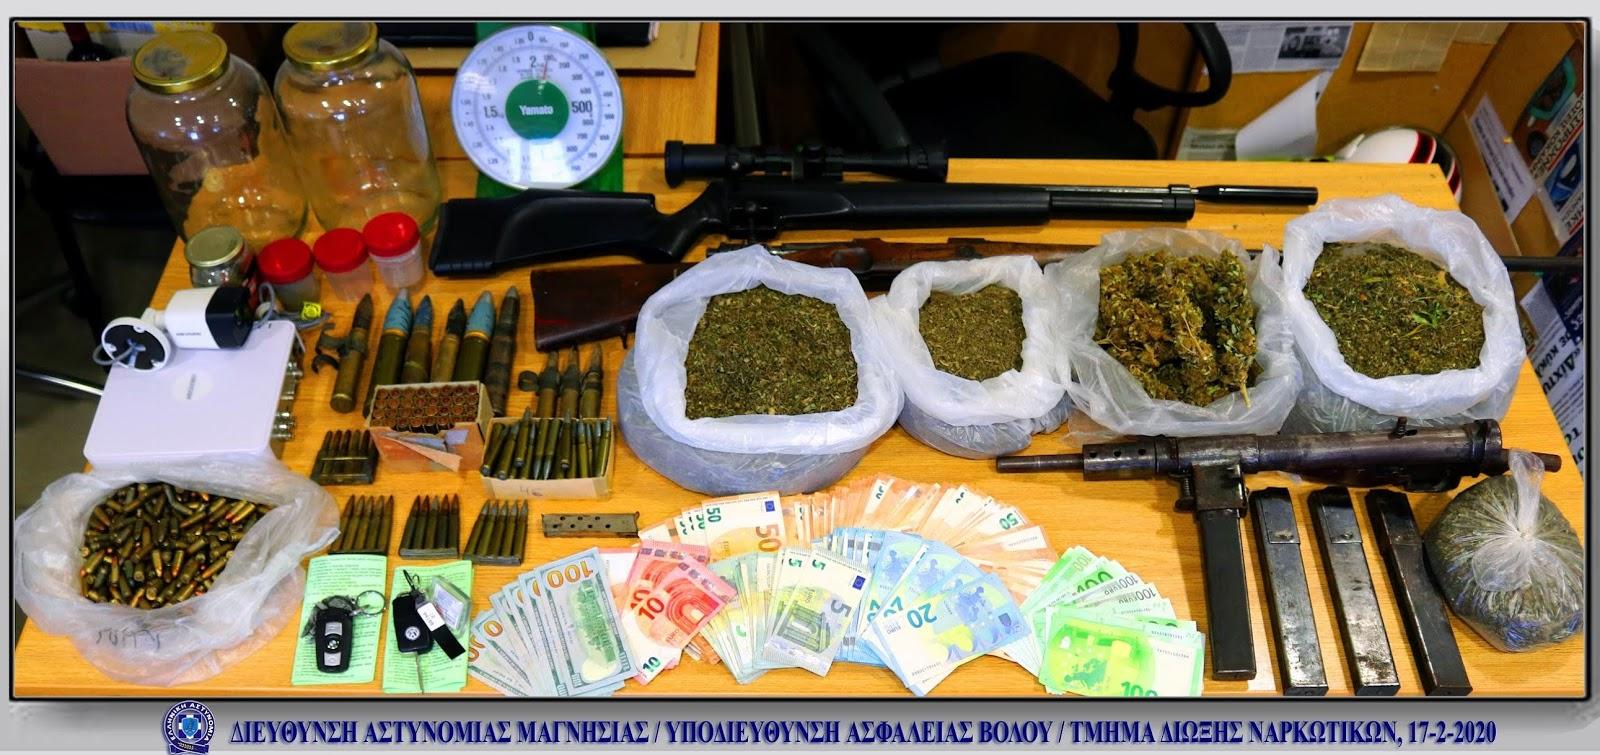 Δύο συλλήψεις στην ευρύτερη περιοχή της Μαγνησίας για όπλα και ναρκωτικά